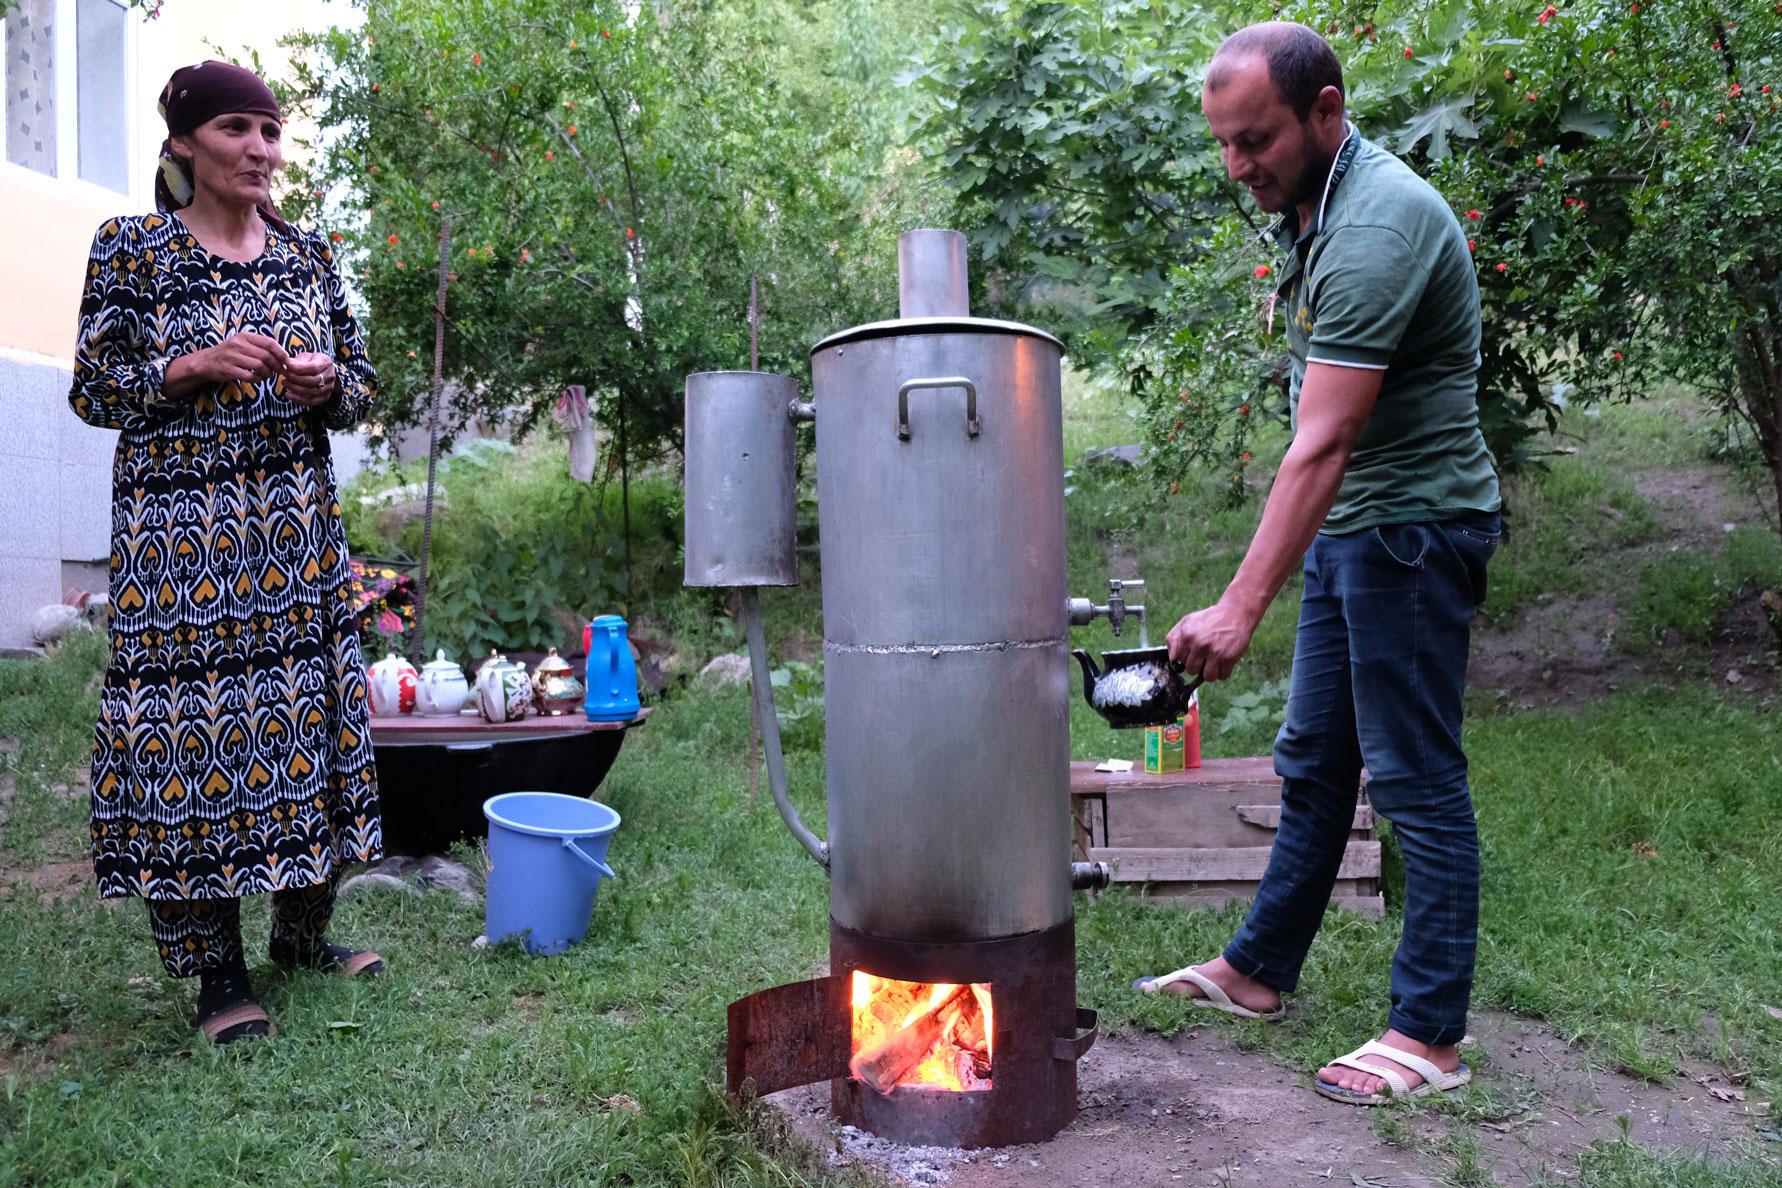 Ein Mann kocht Tee in einem übergroßen Samowar. Neben ihm steht eine Frau.